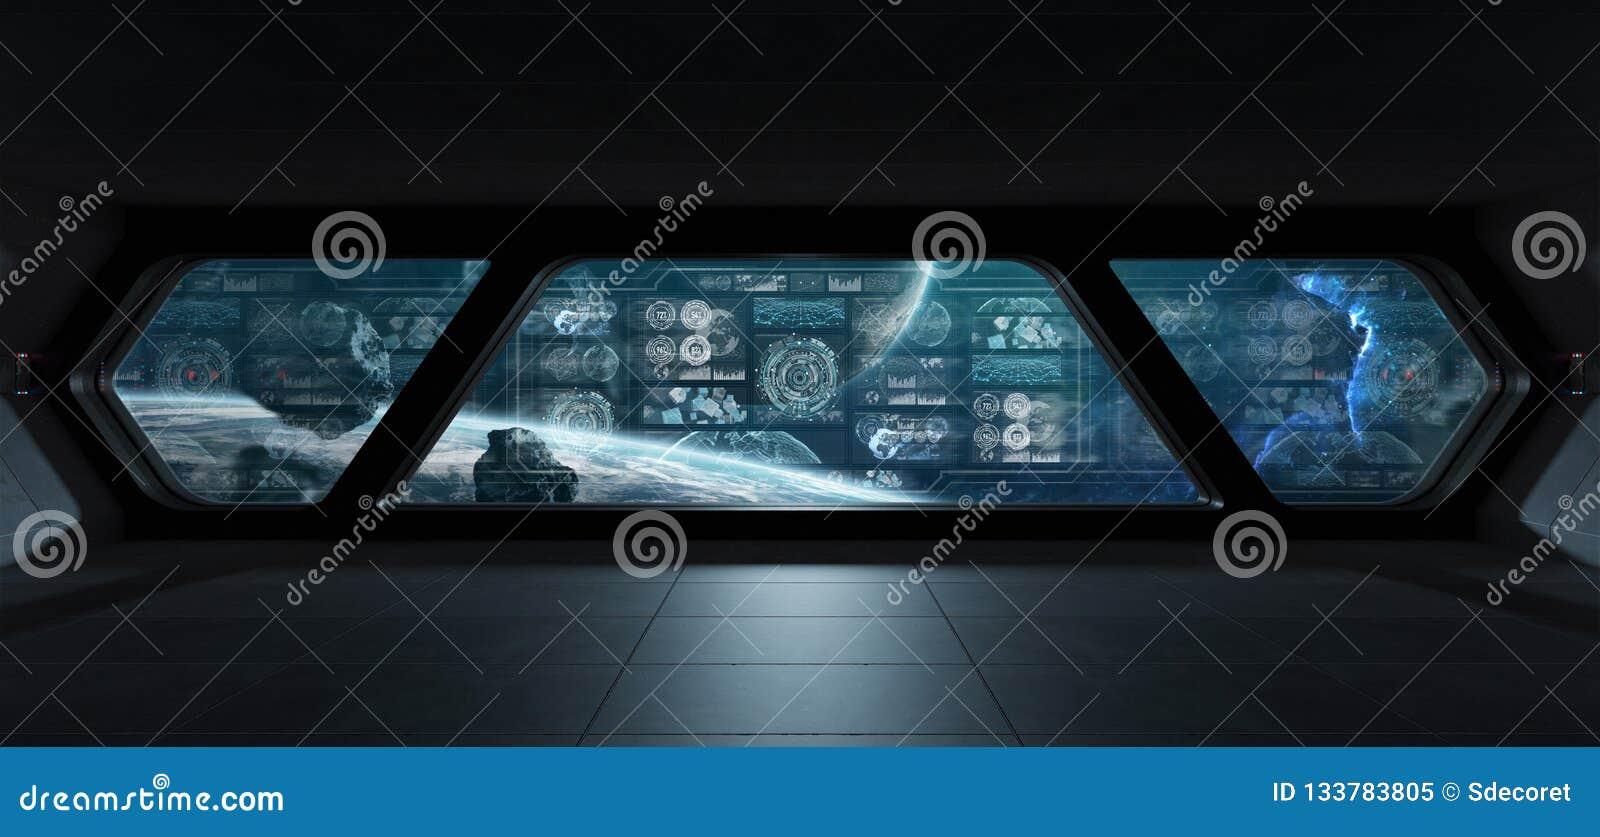 与控制板数字式屏幕3D的黑暗的太空飞船内部关于